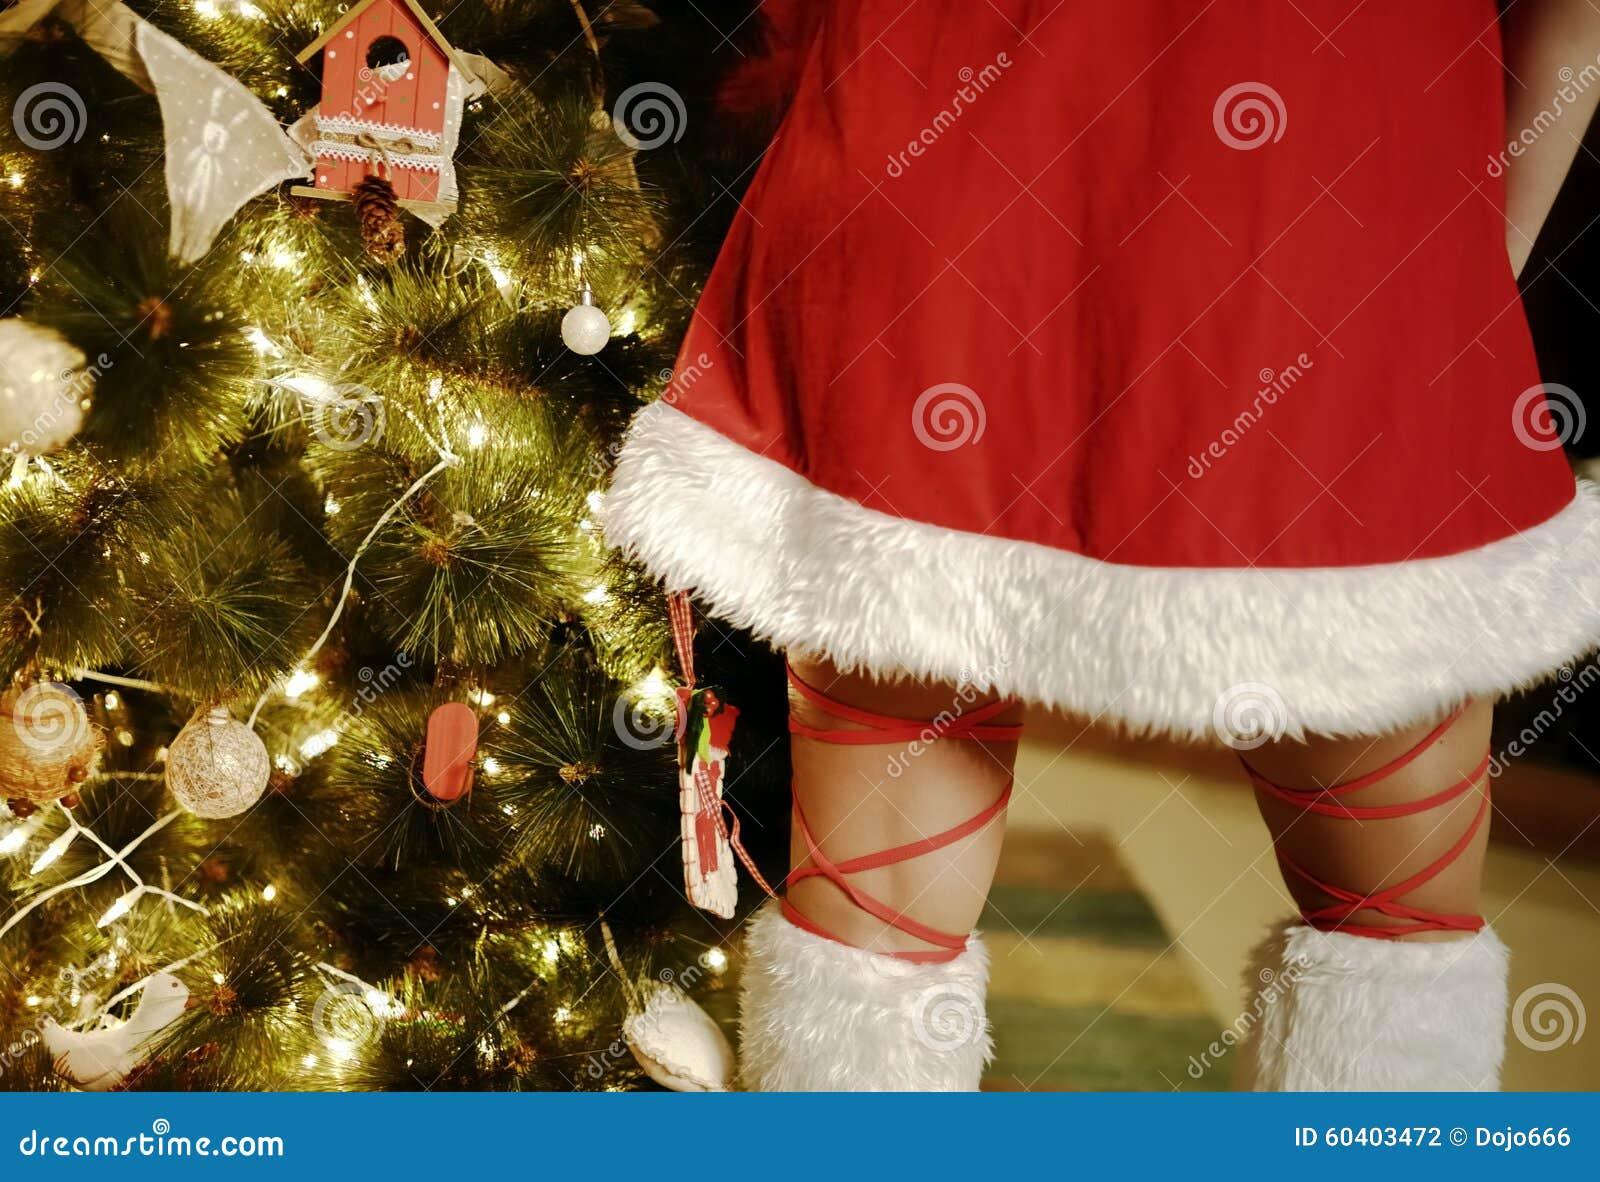 db0b96cfd0 Árbol De Navidad Y Falda De La Muchacha Santa Claus Foto de archivo ...